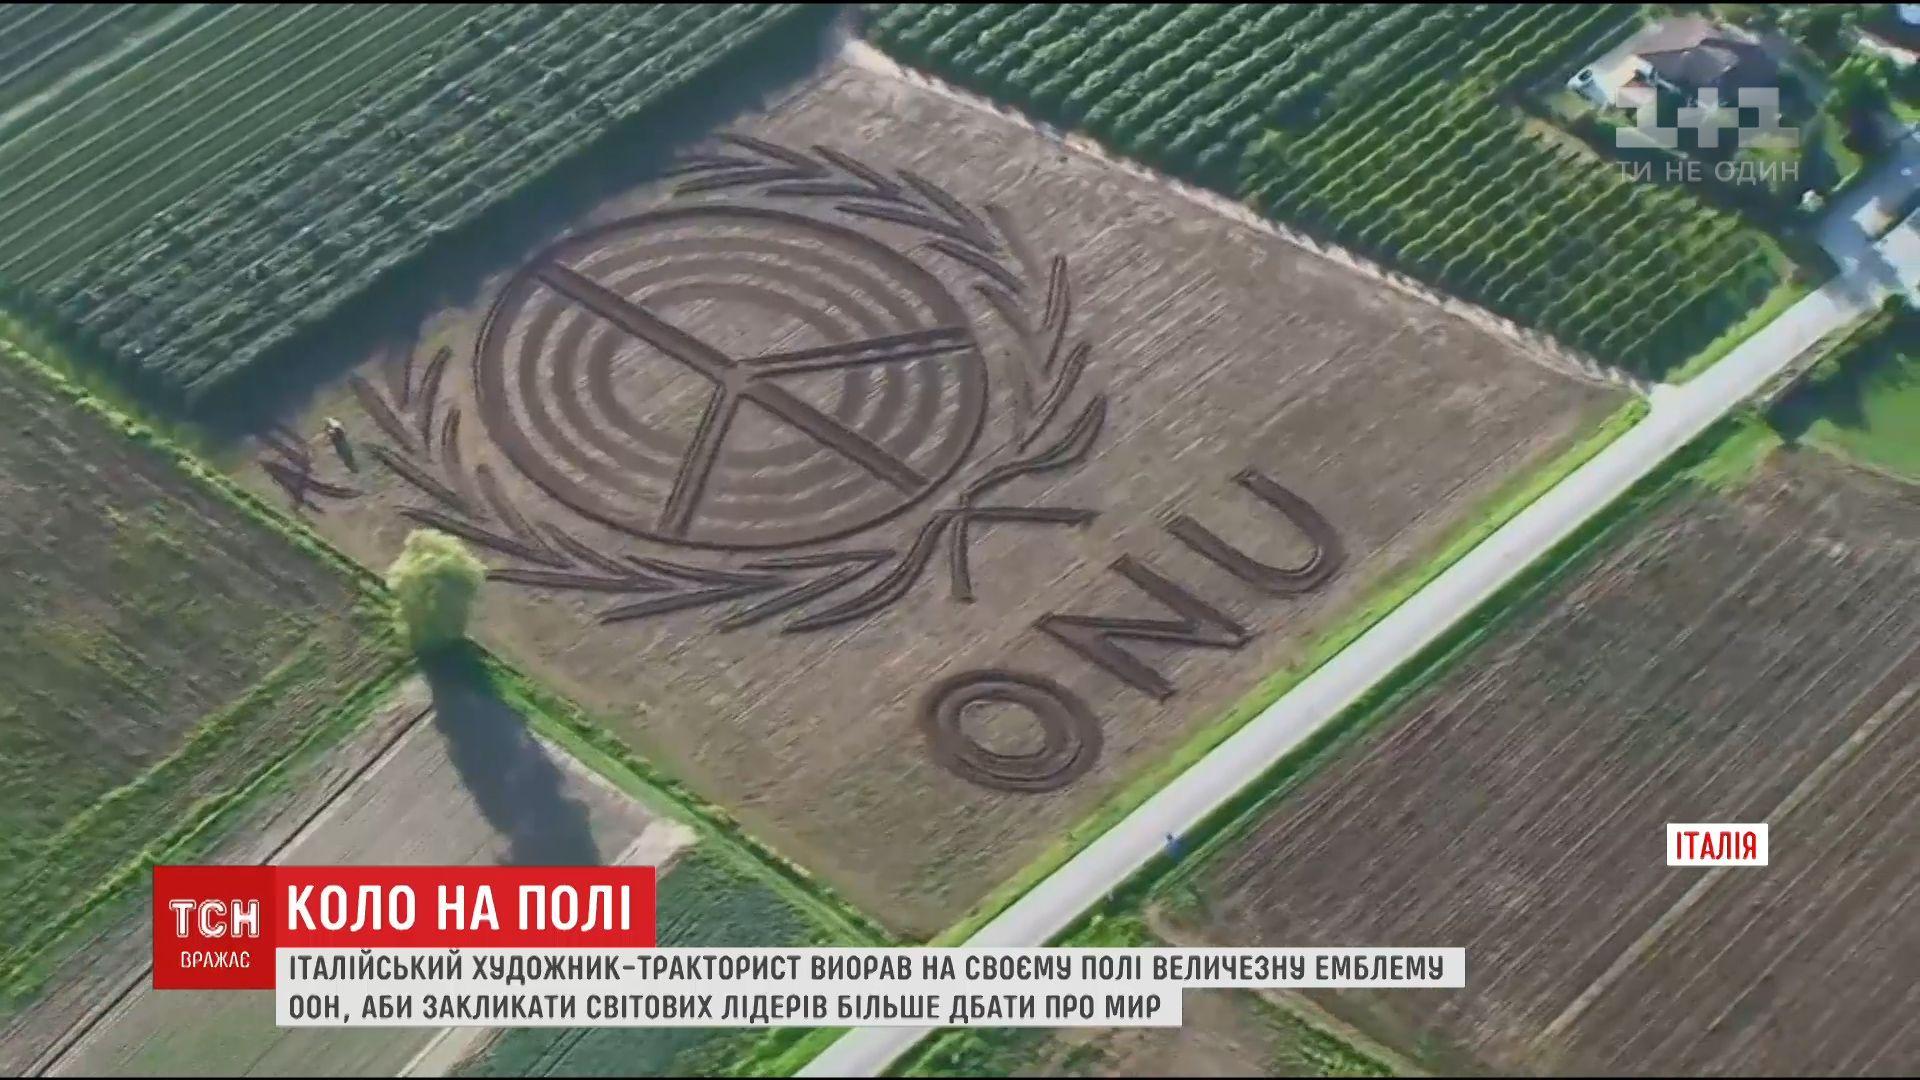 Італійський тракторист виорав на полі емблему ООН